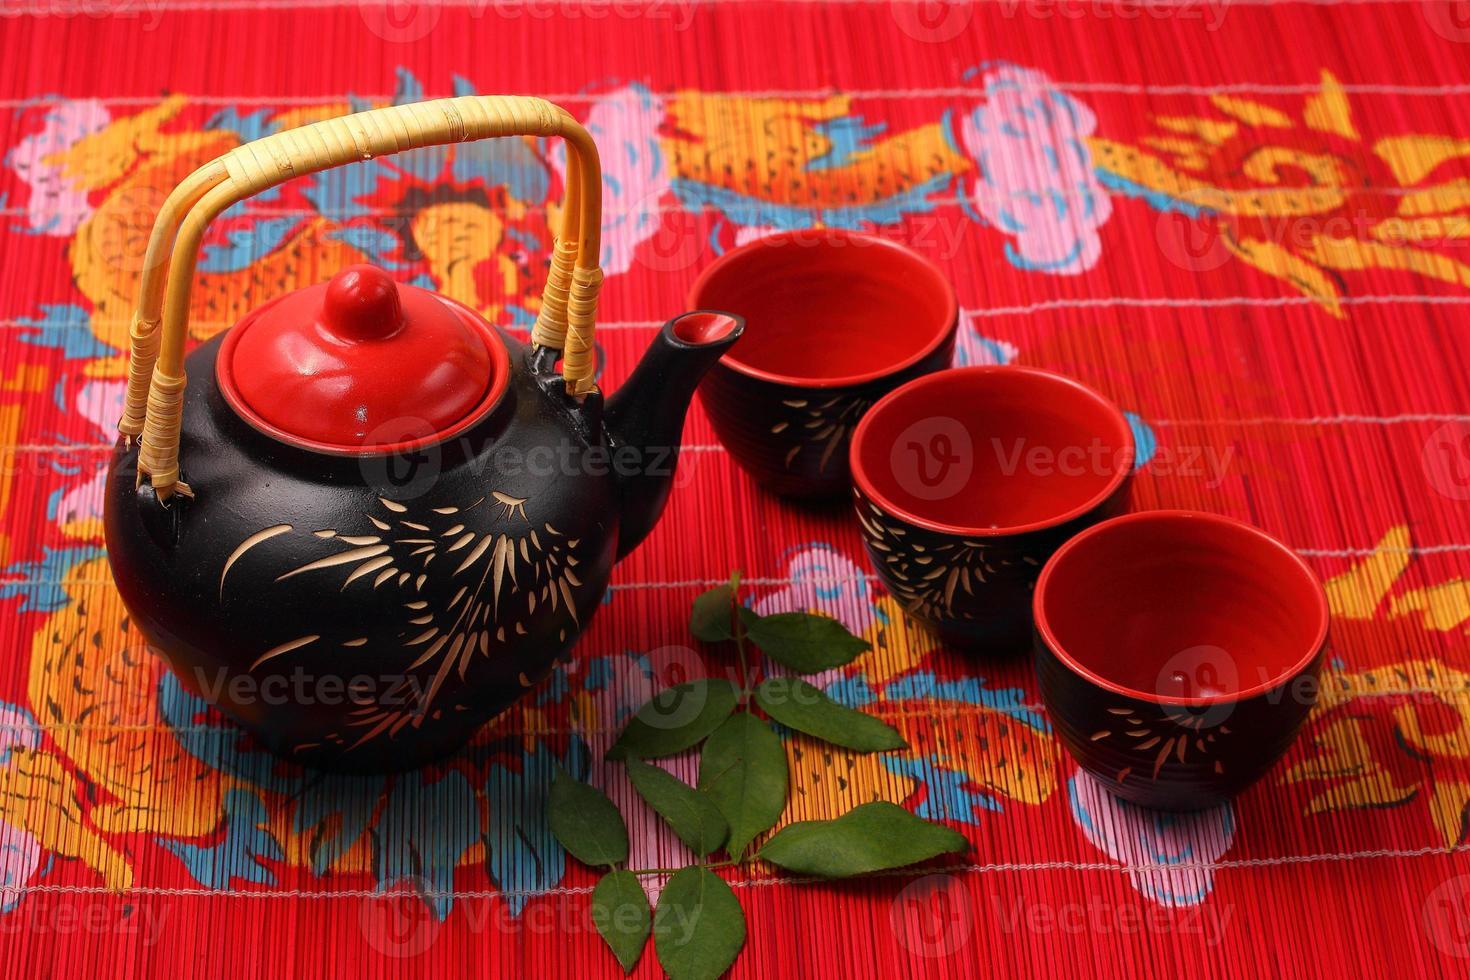 asiatisches Teeservice foto